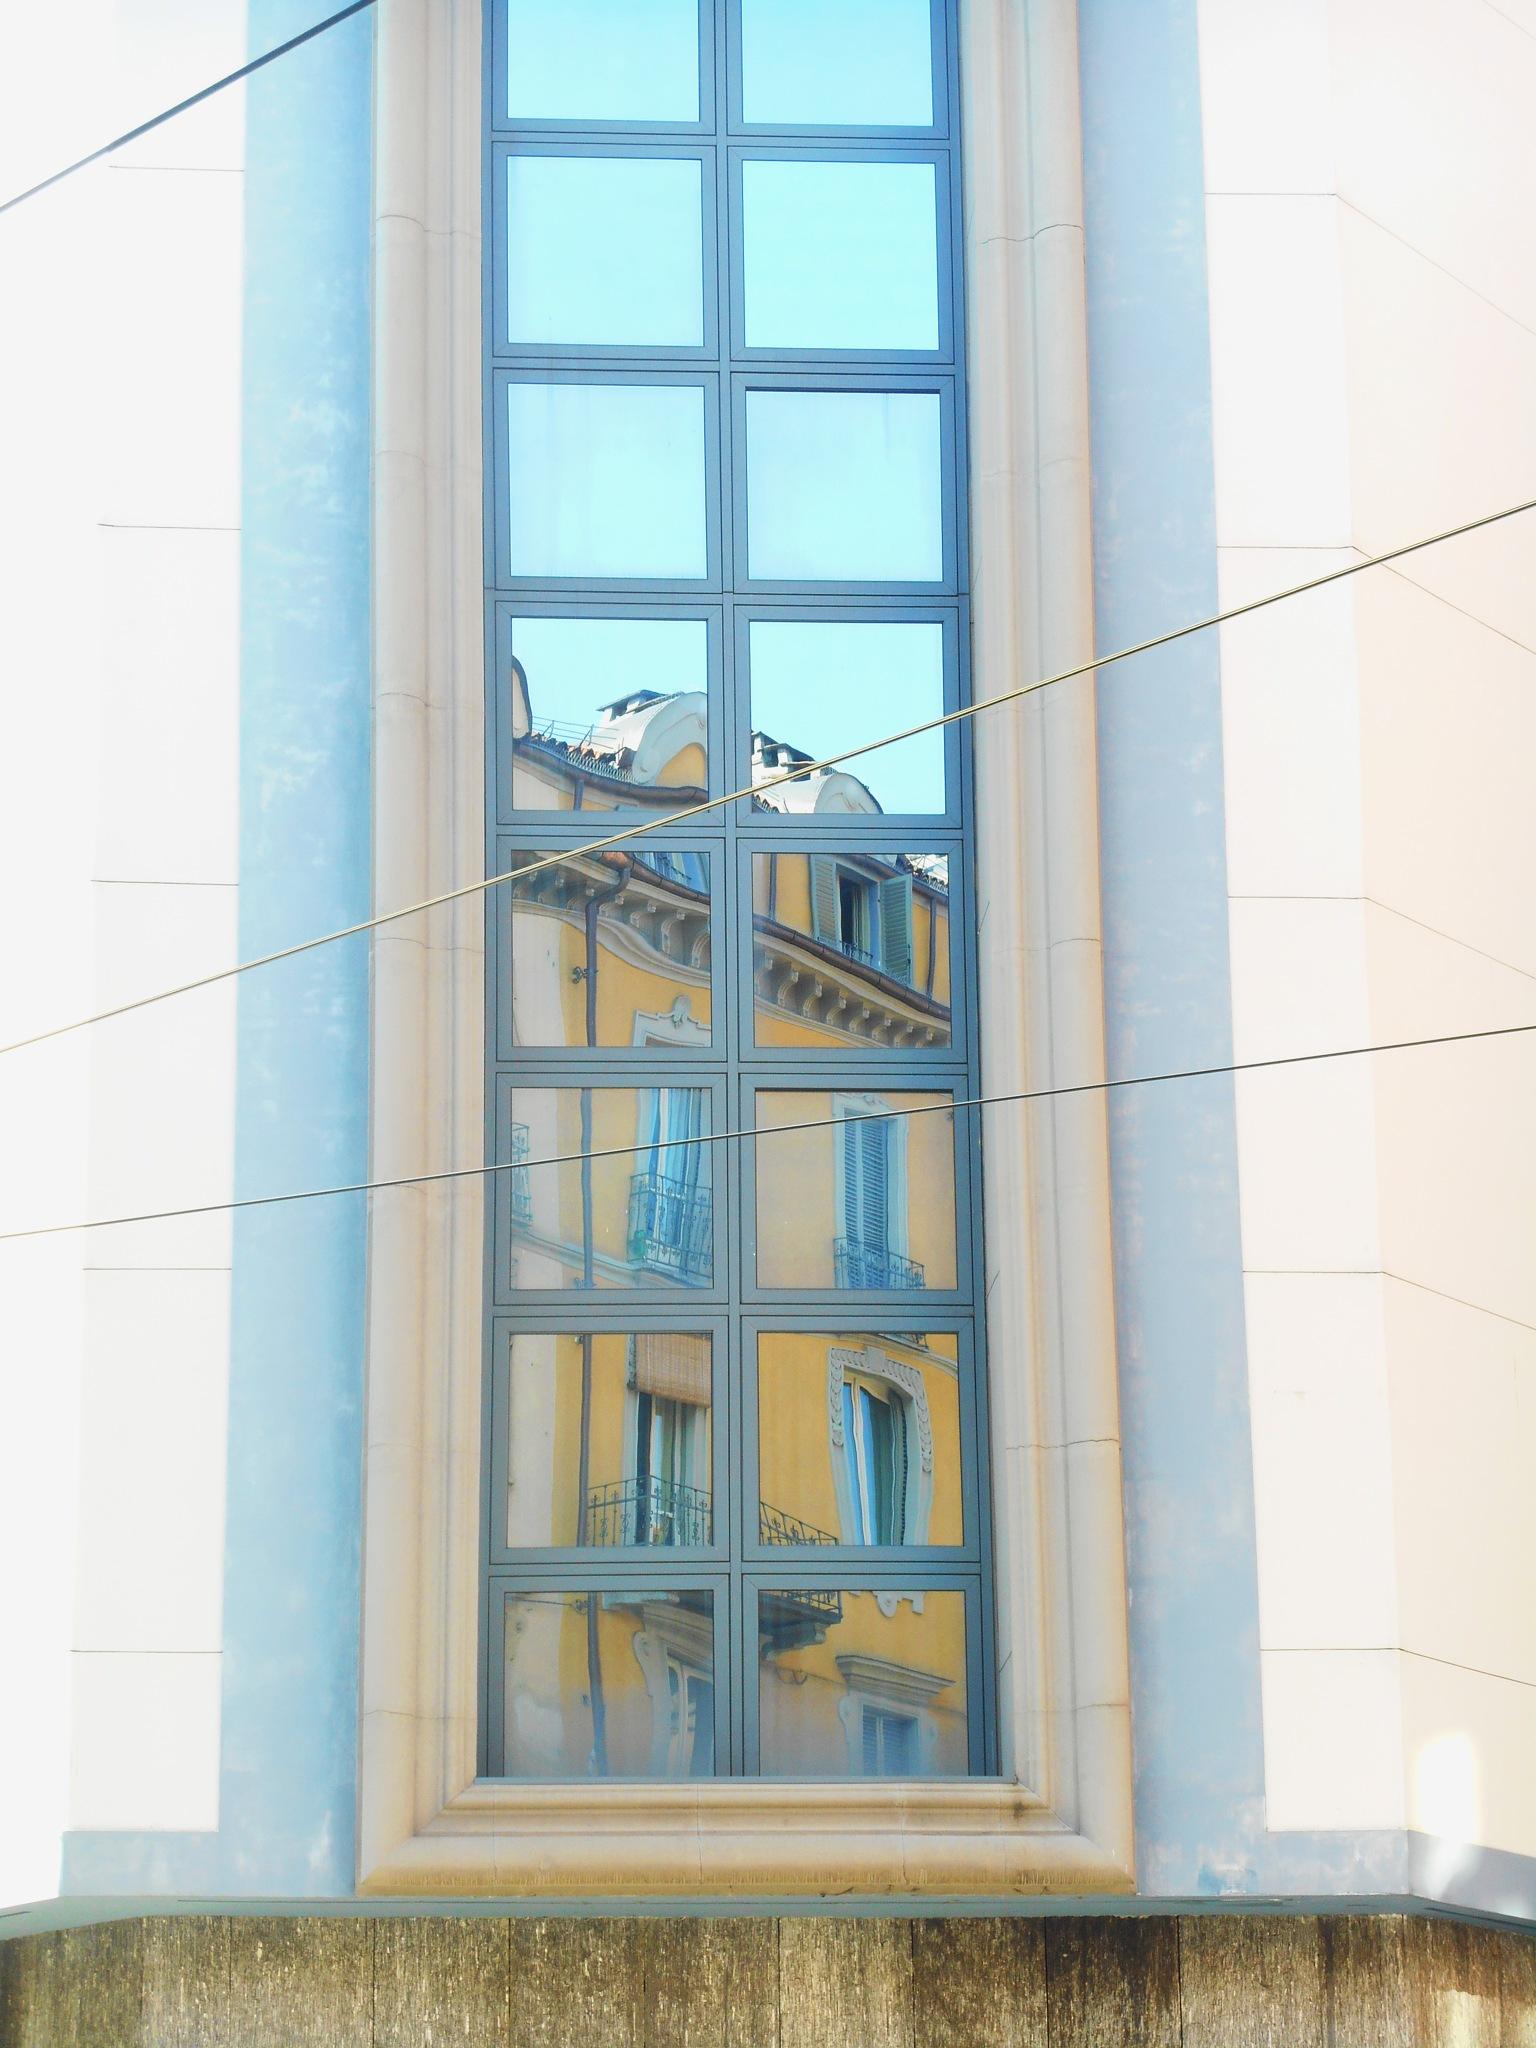 Torino reflected. Via Madama Cristina by clairettegardner